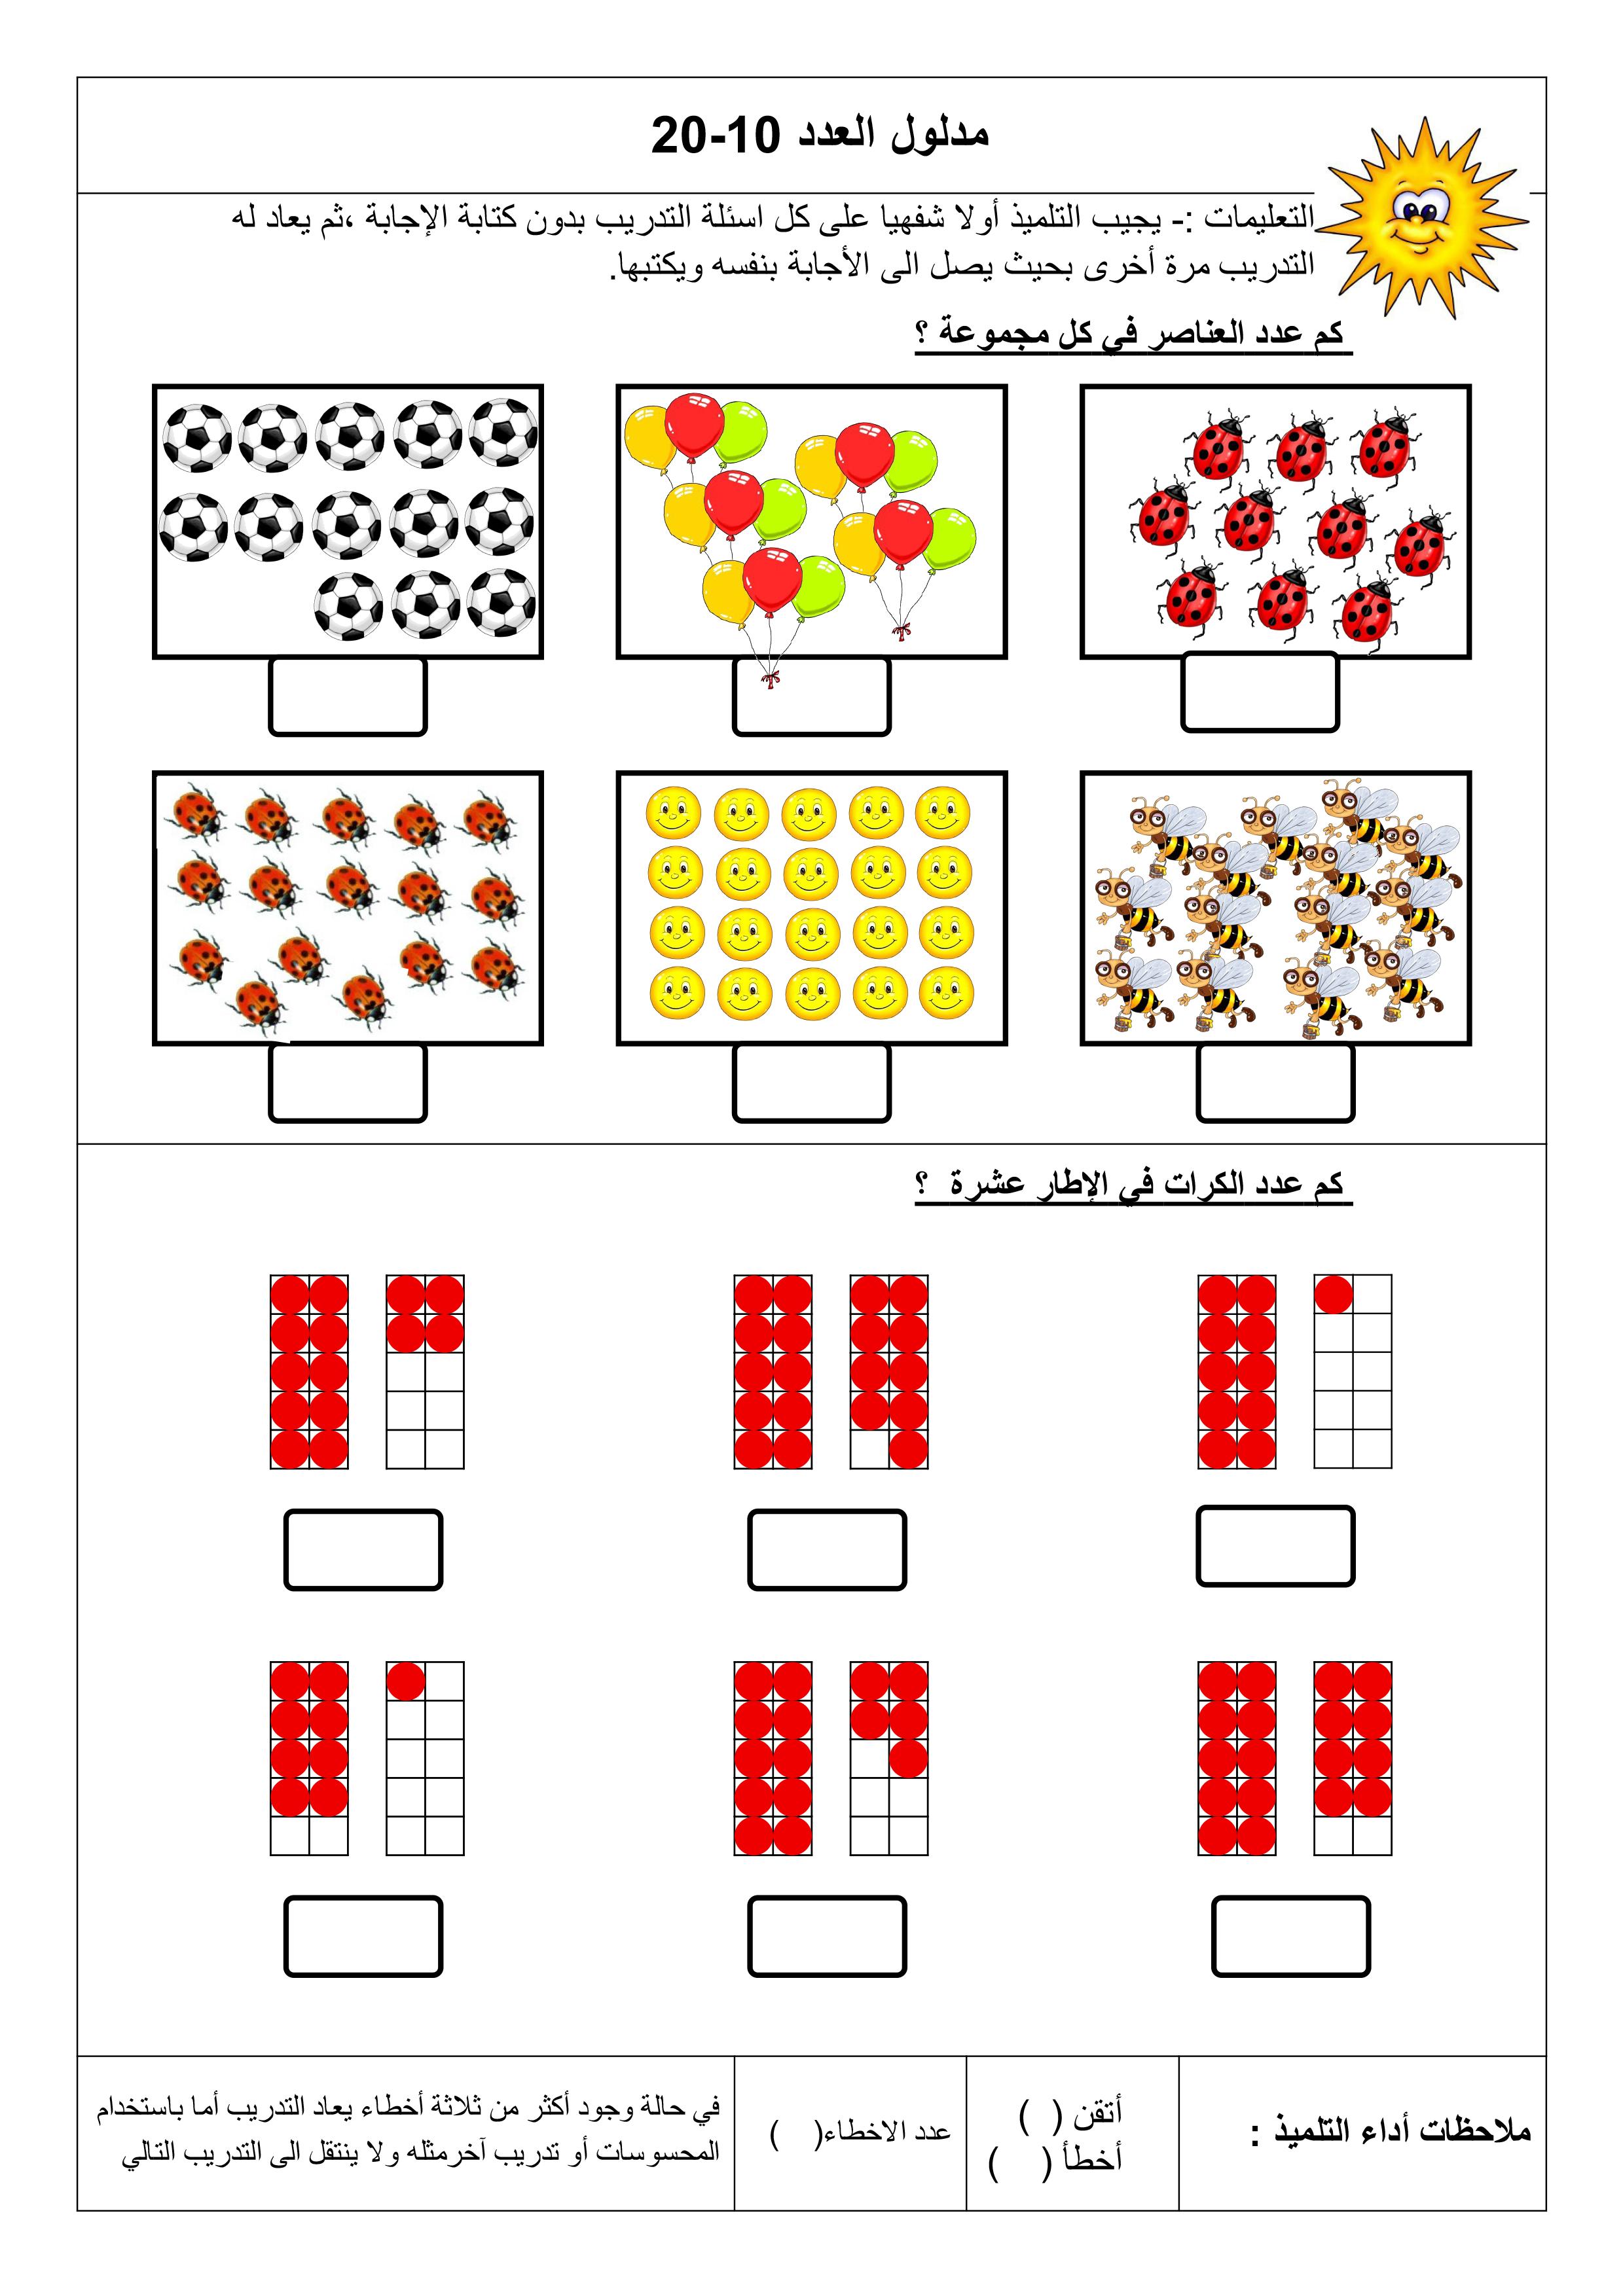 Pin By Plume D Or On مجال العلوم رياضيات إيقاظ Arabic Alphabet For Kids School Worksheets Alphabet For Kids